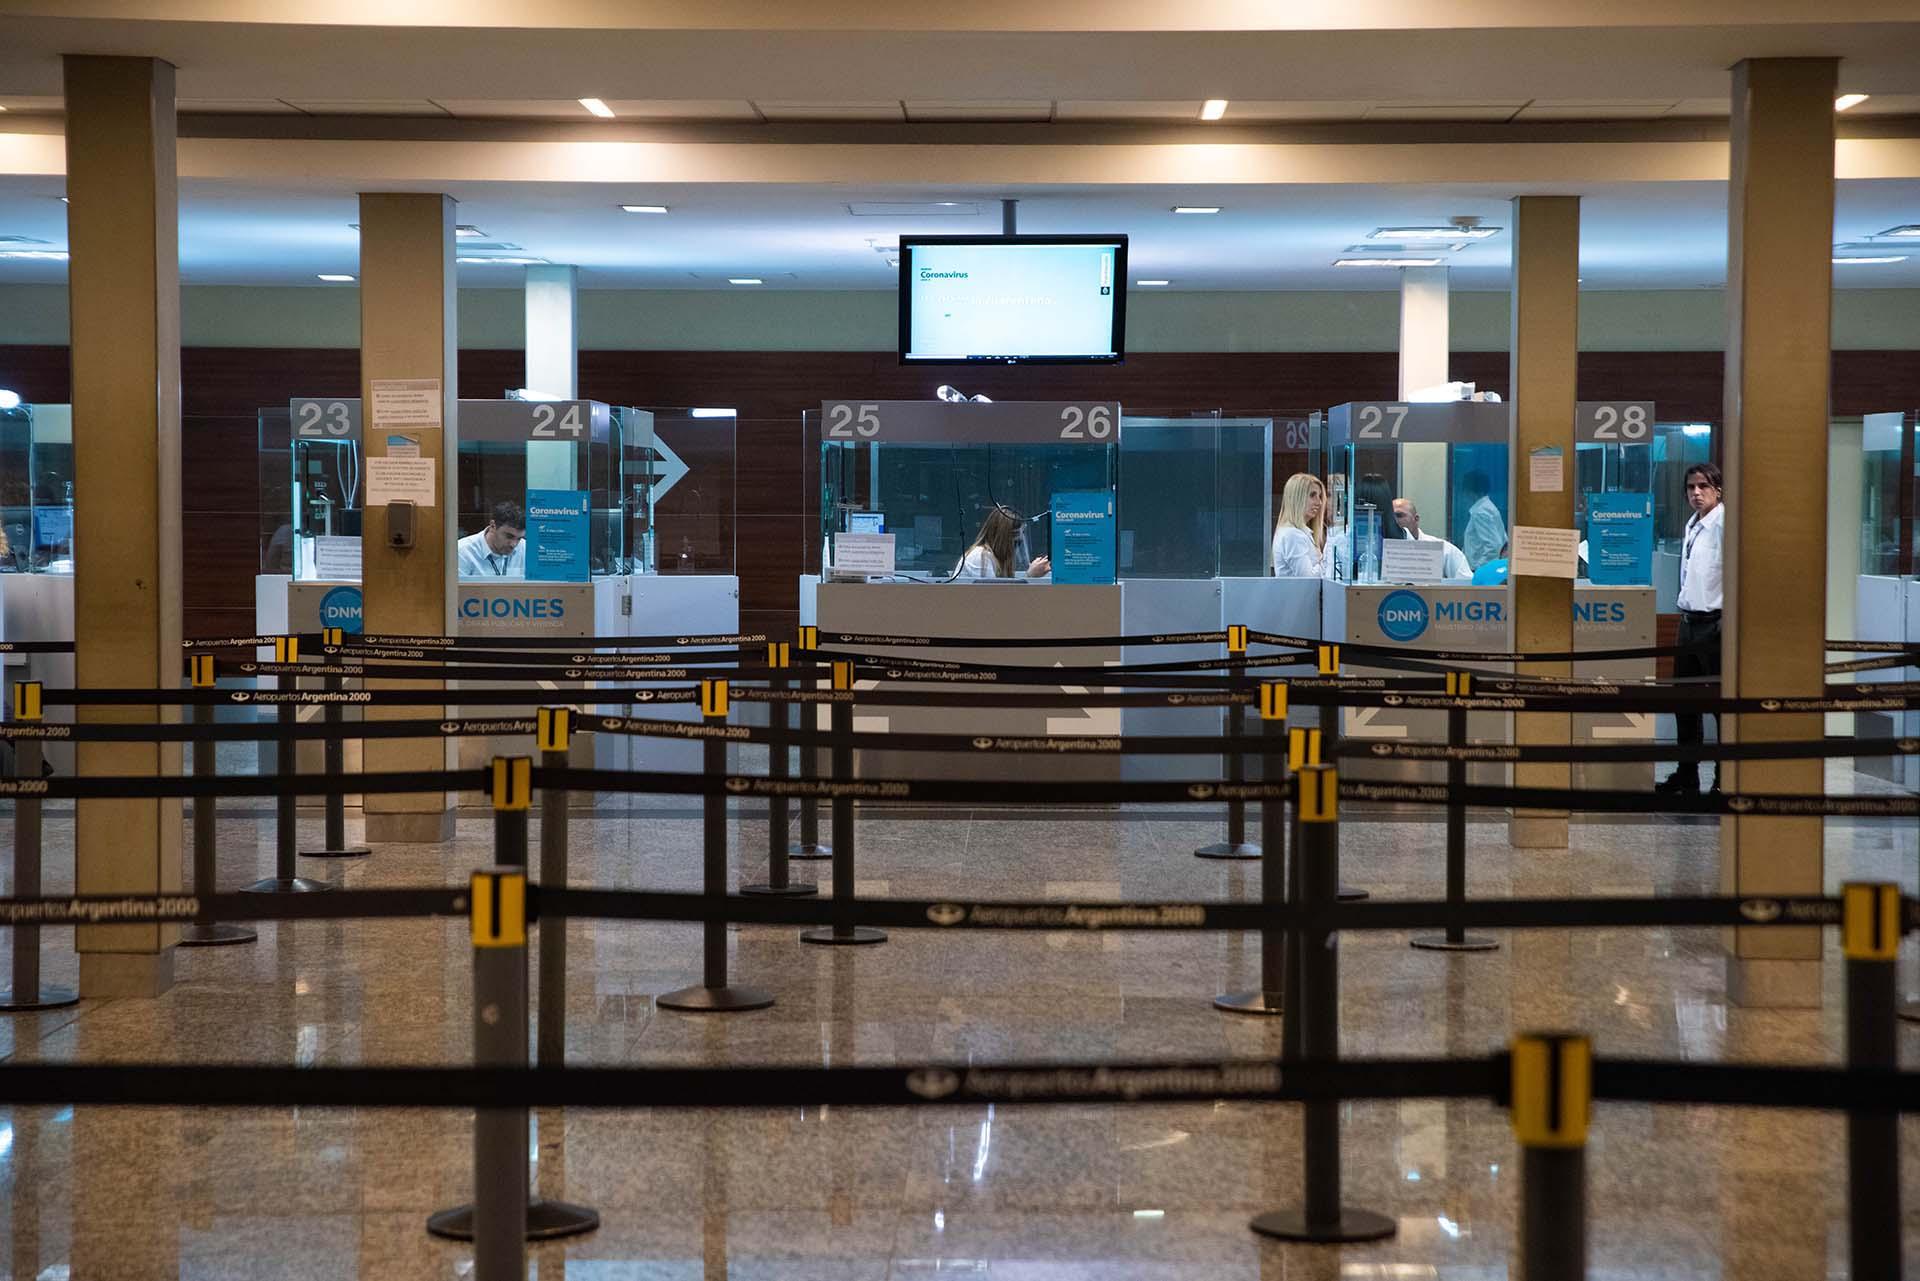 El área de Migraciones del Aeropuerto Internacional de Ezeiza sin filas de gente